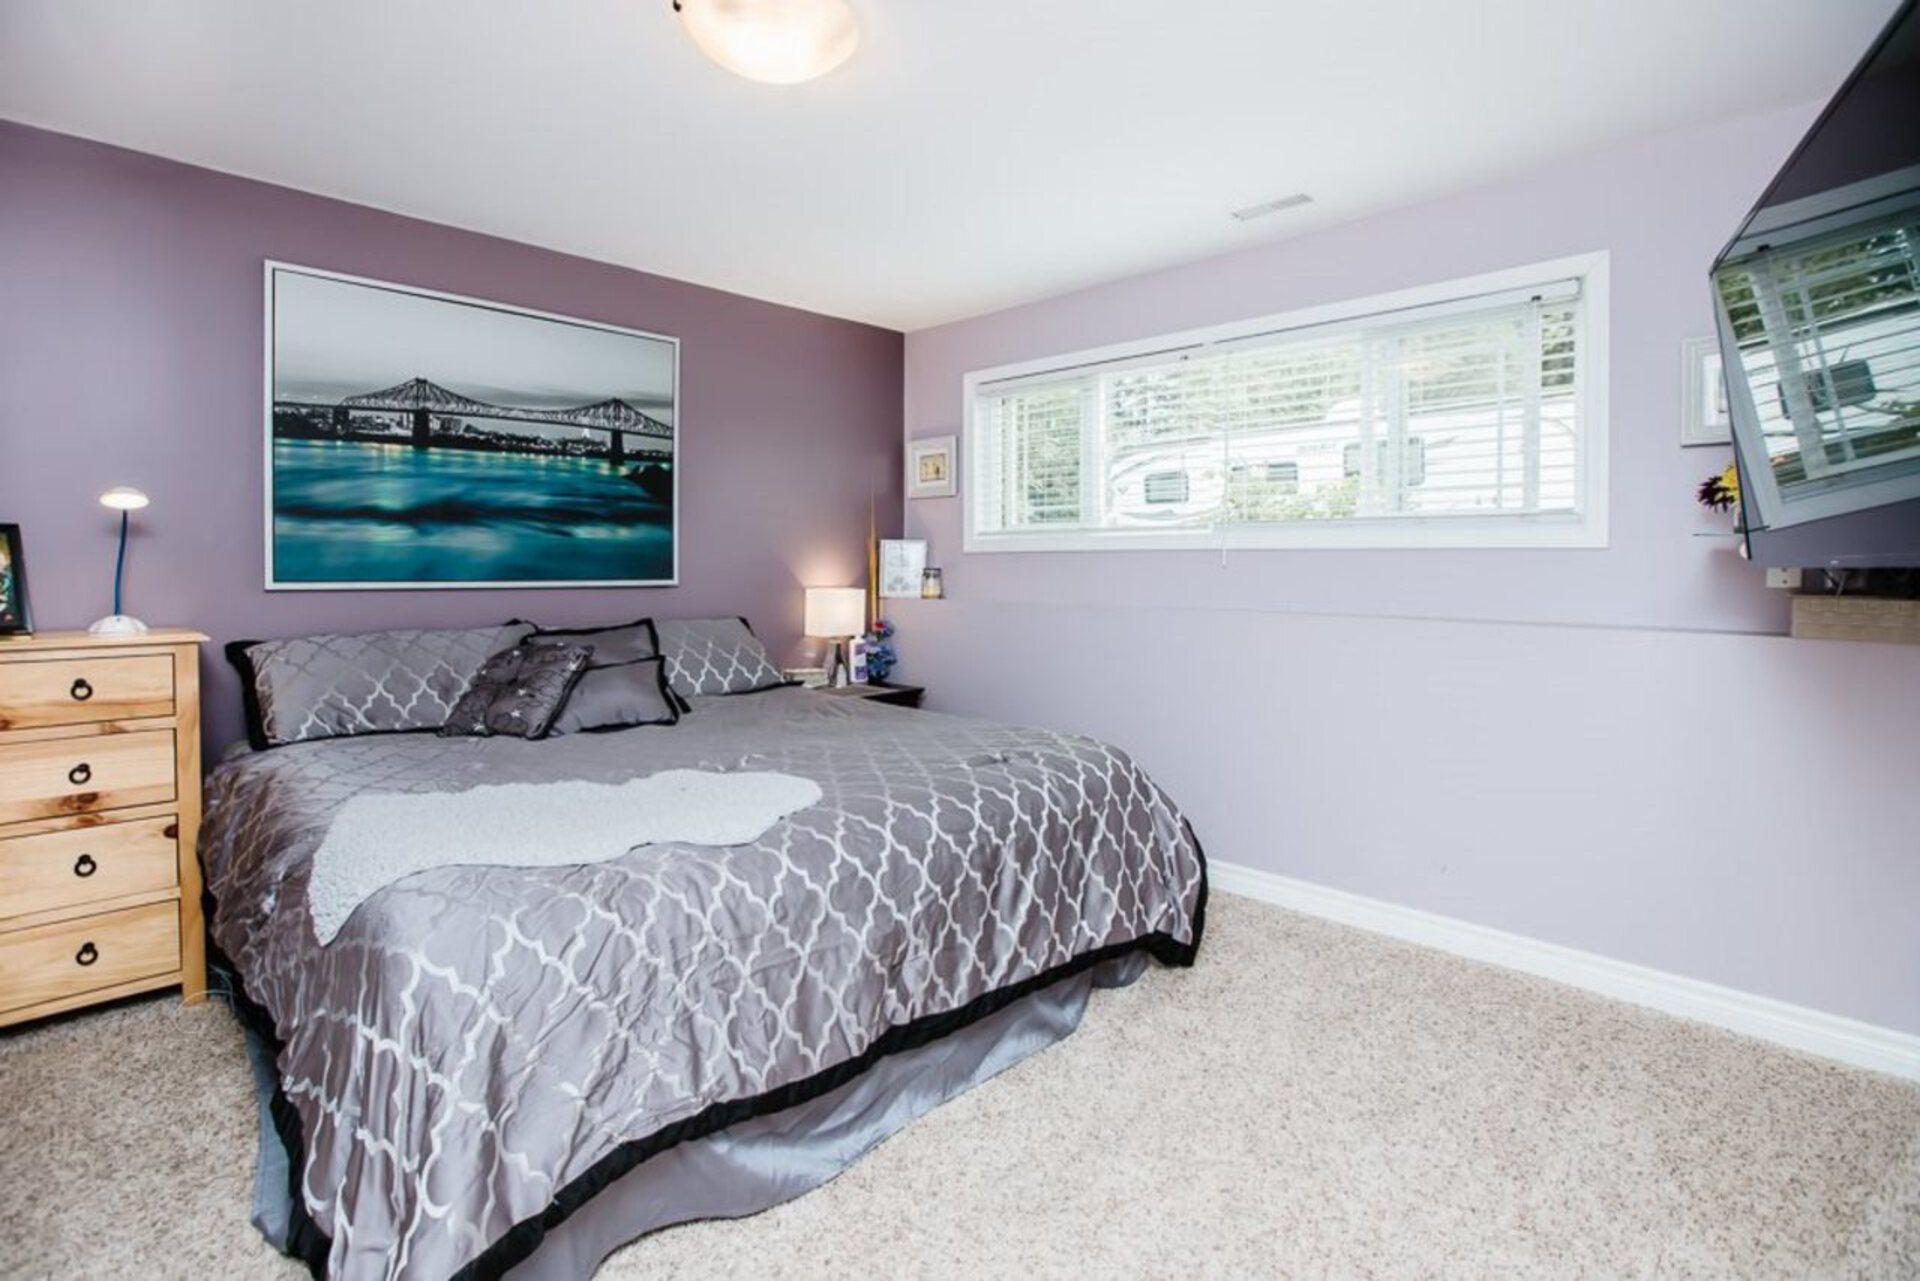 21519-122-avenue-west-central-maple-ridge-13 at 21519 122 Avenue, West Central, Maple Ridge